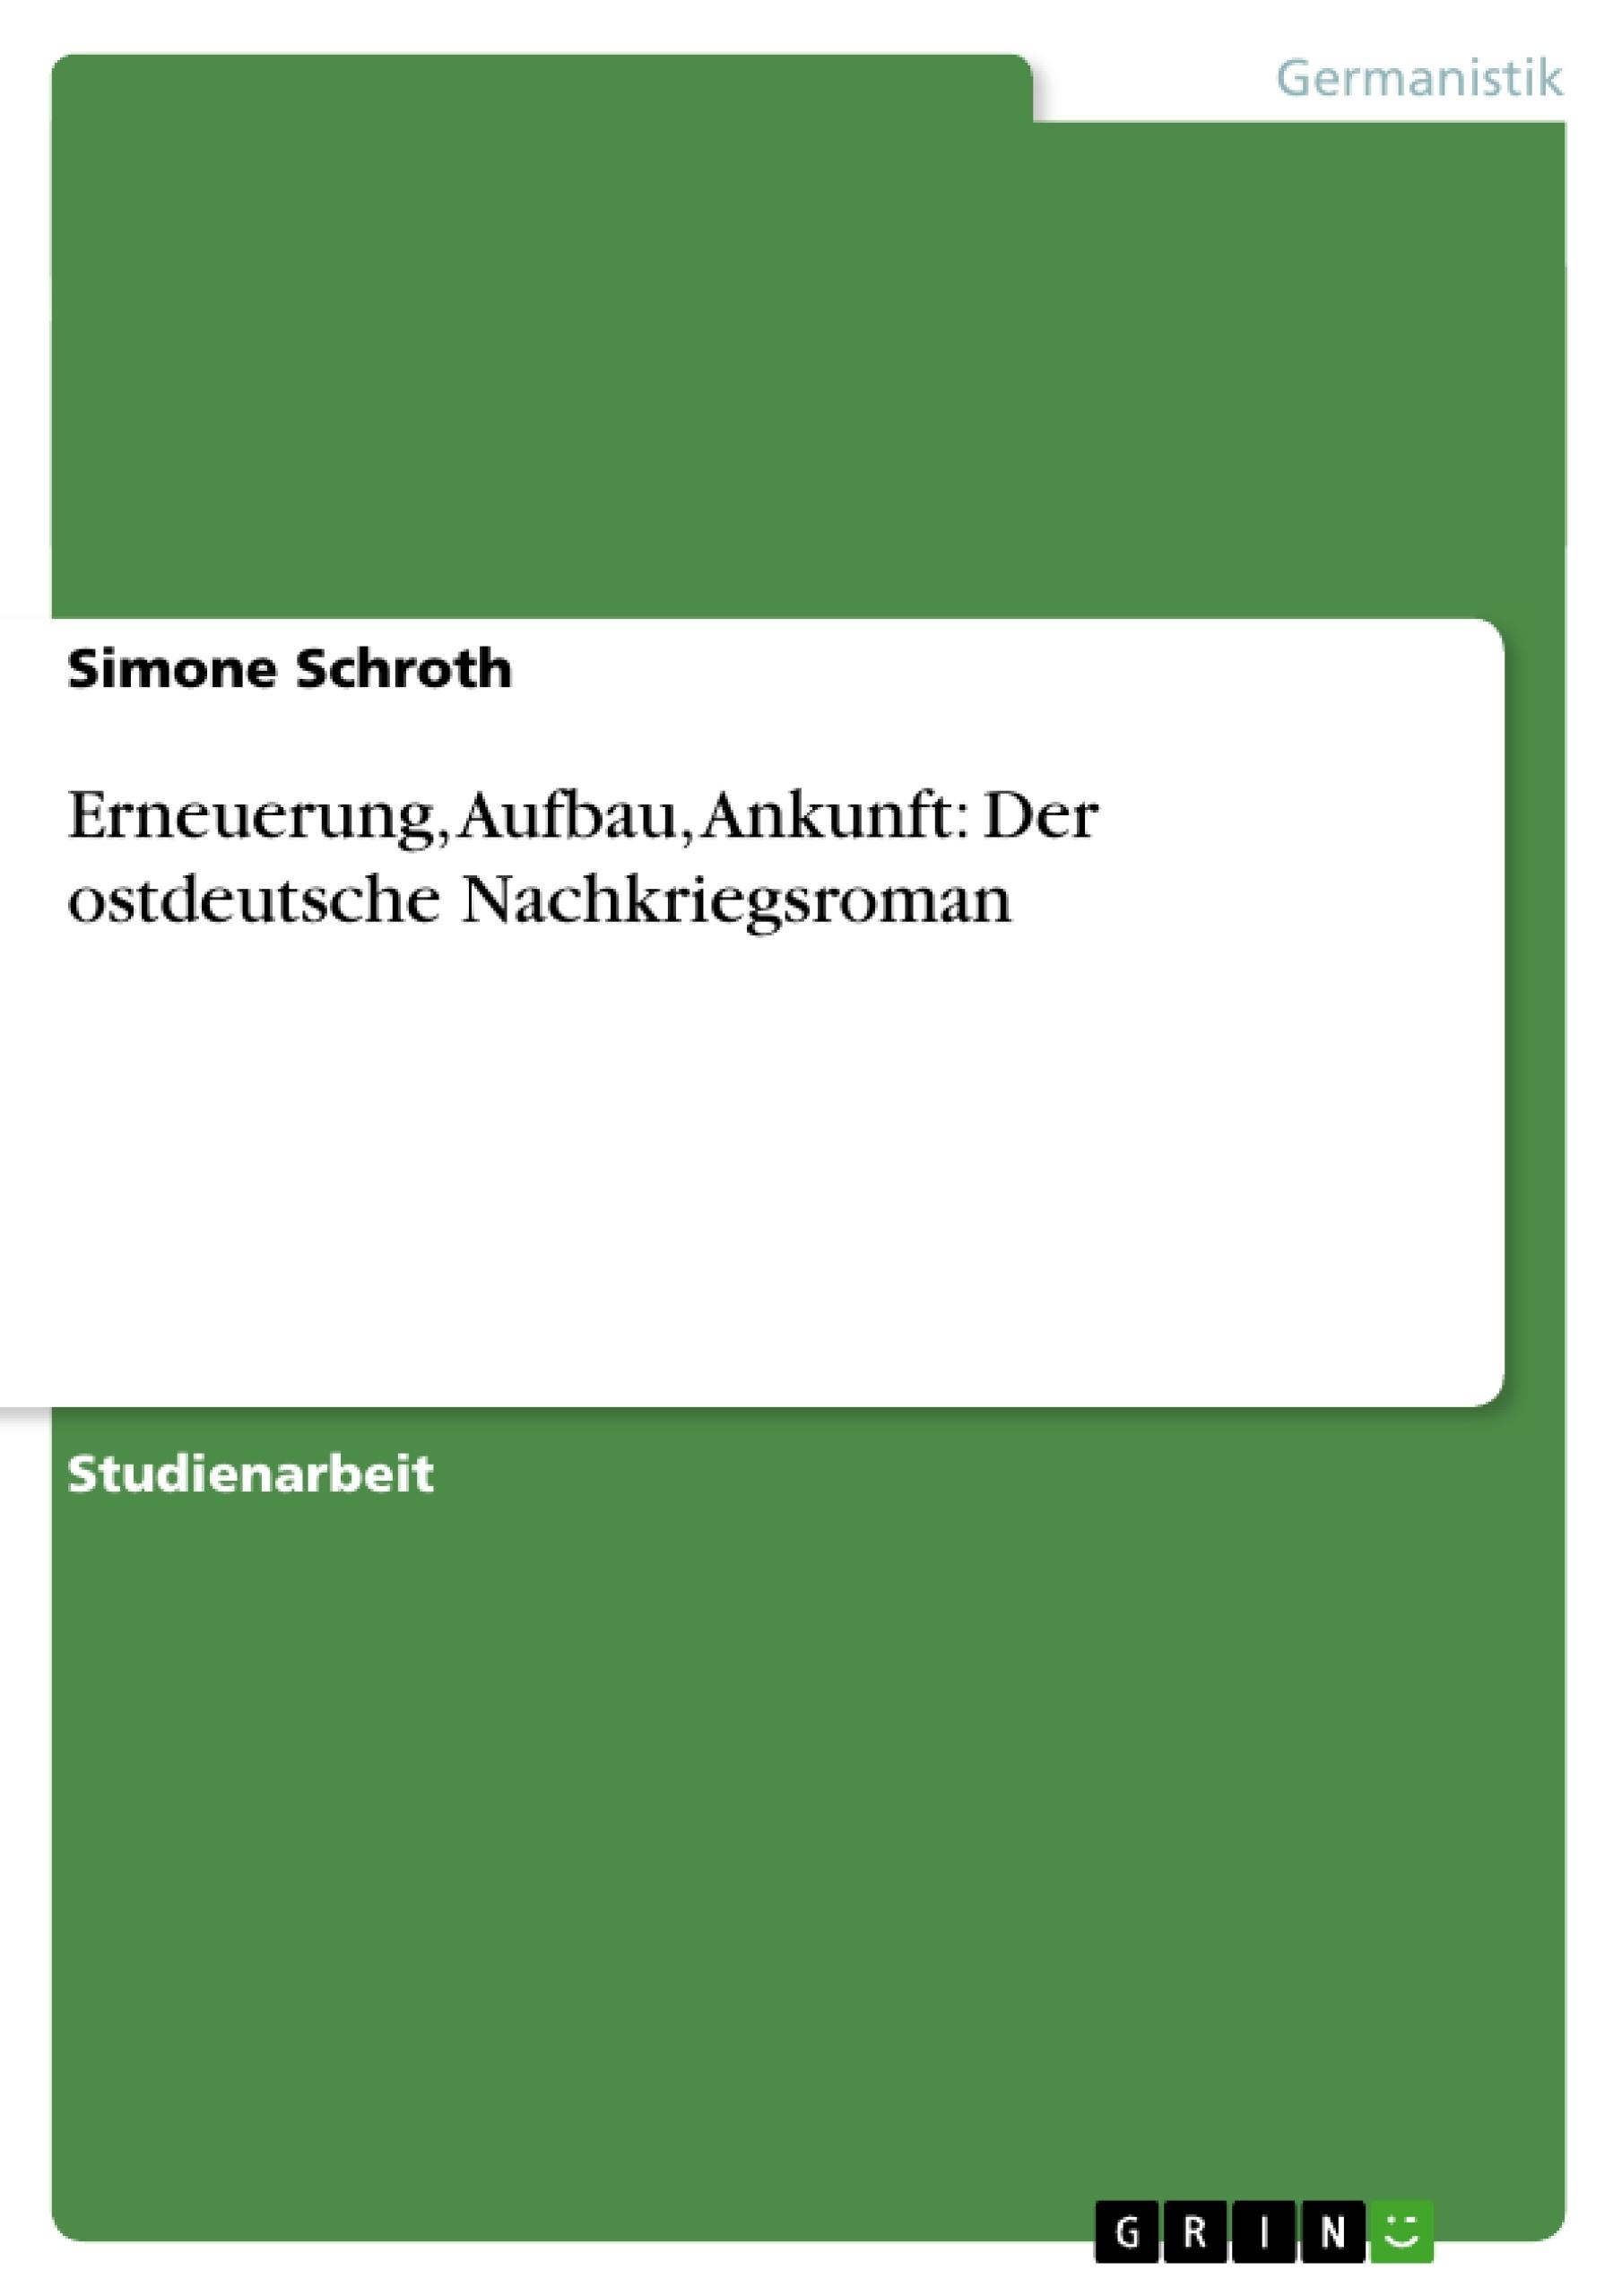 Titel: Erneuerung, Aufbau, Ankunft: Der ostdeutsche Nachkriegsroman